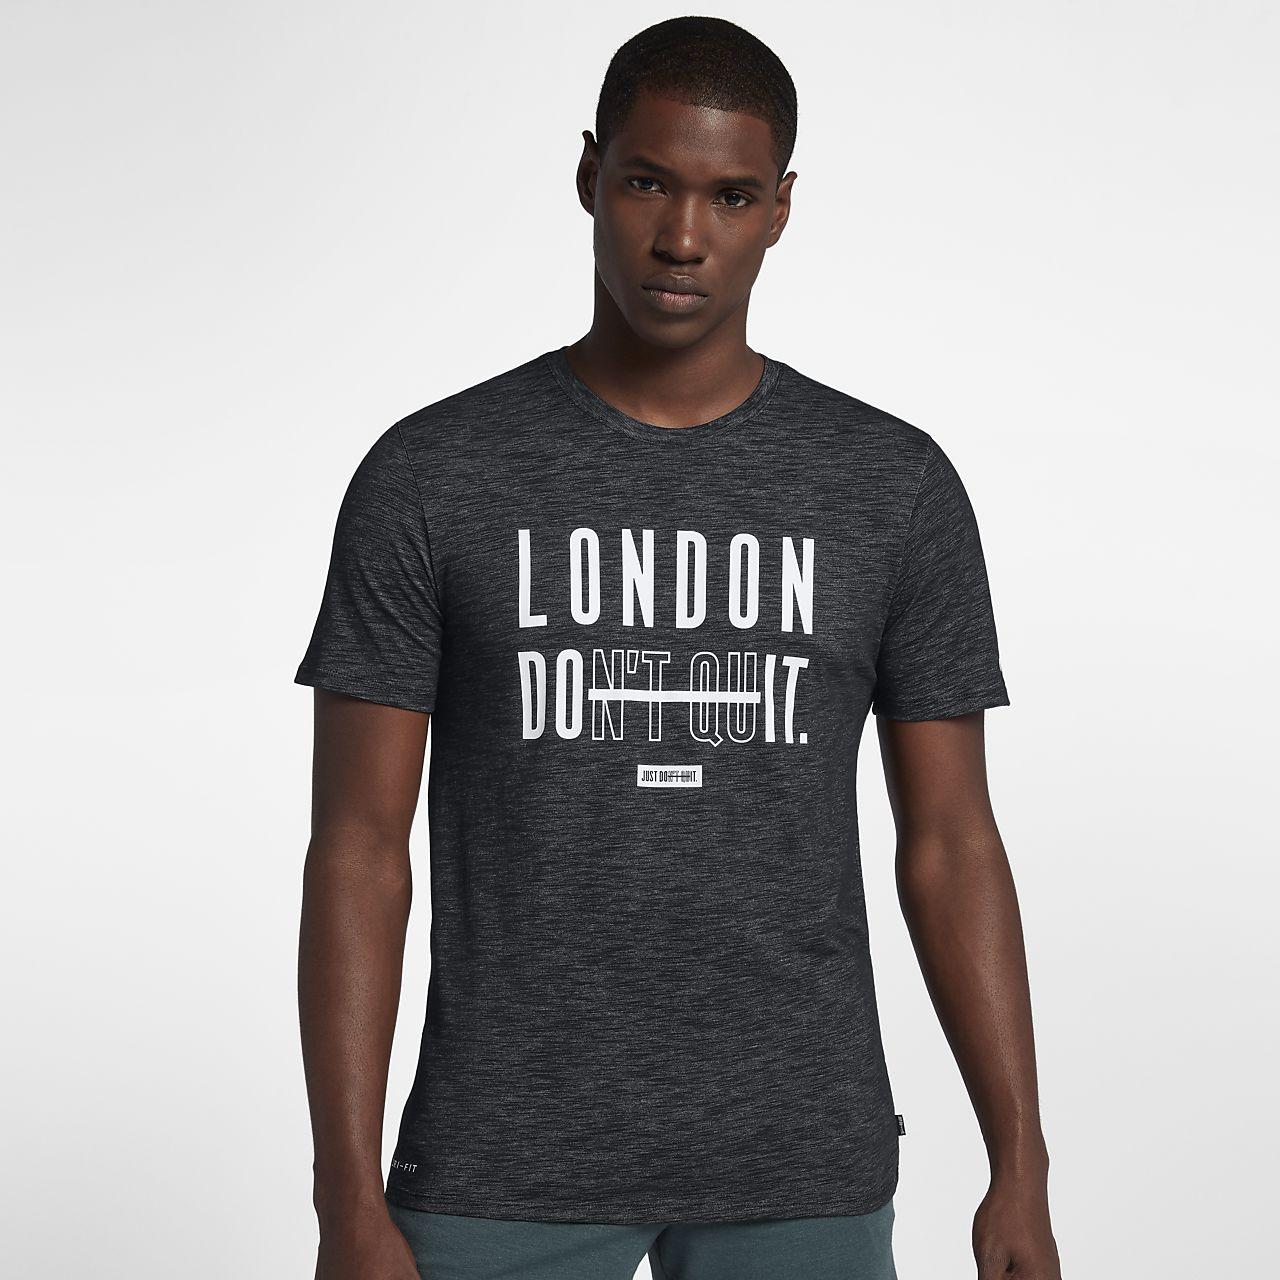 89f4474a Nike Dri-FIT (London) Men's Training T-Shirt. Nike.com AT